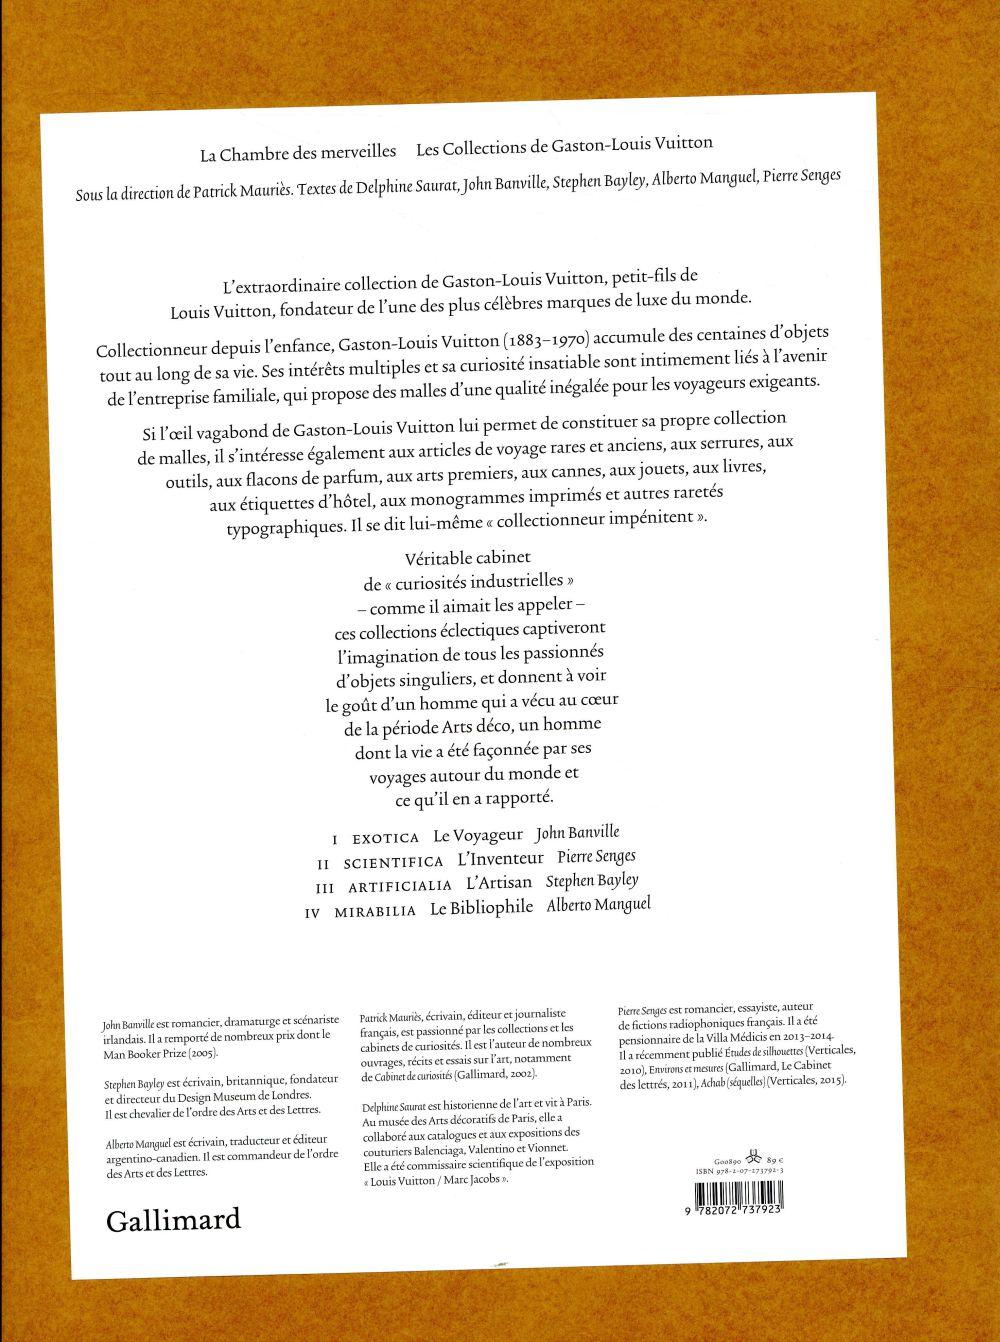 La chambre des merveilles ; les collections de Gaston-Louis Vuitton